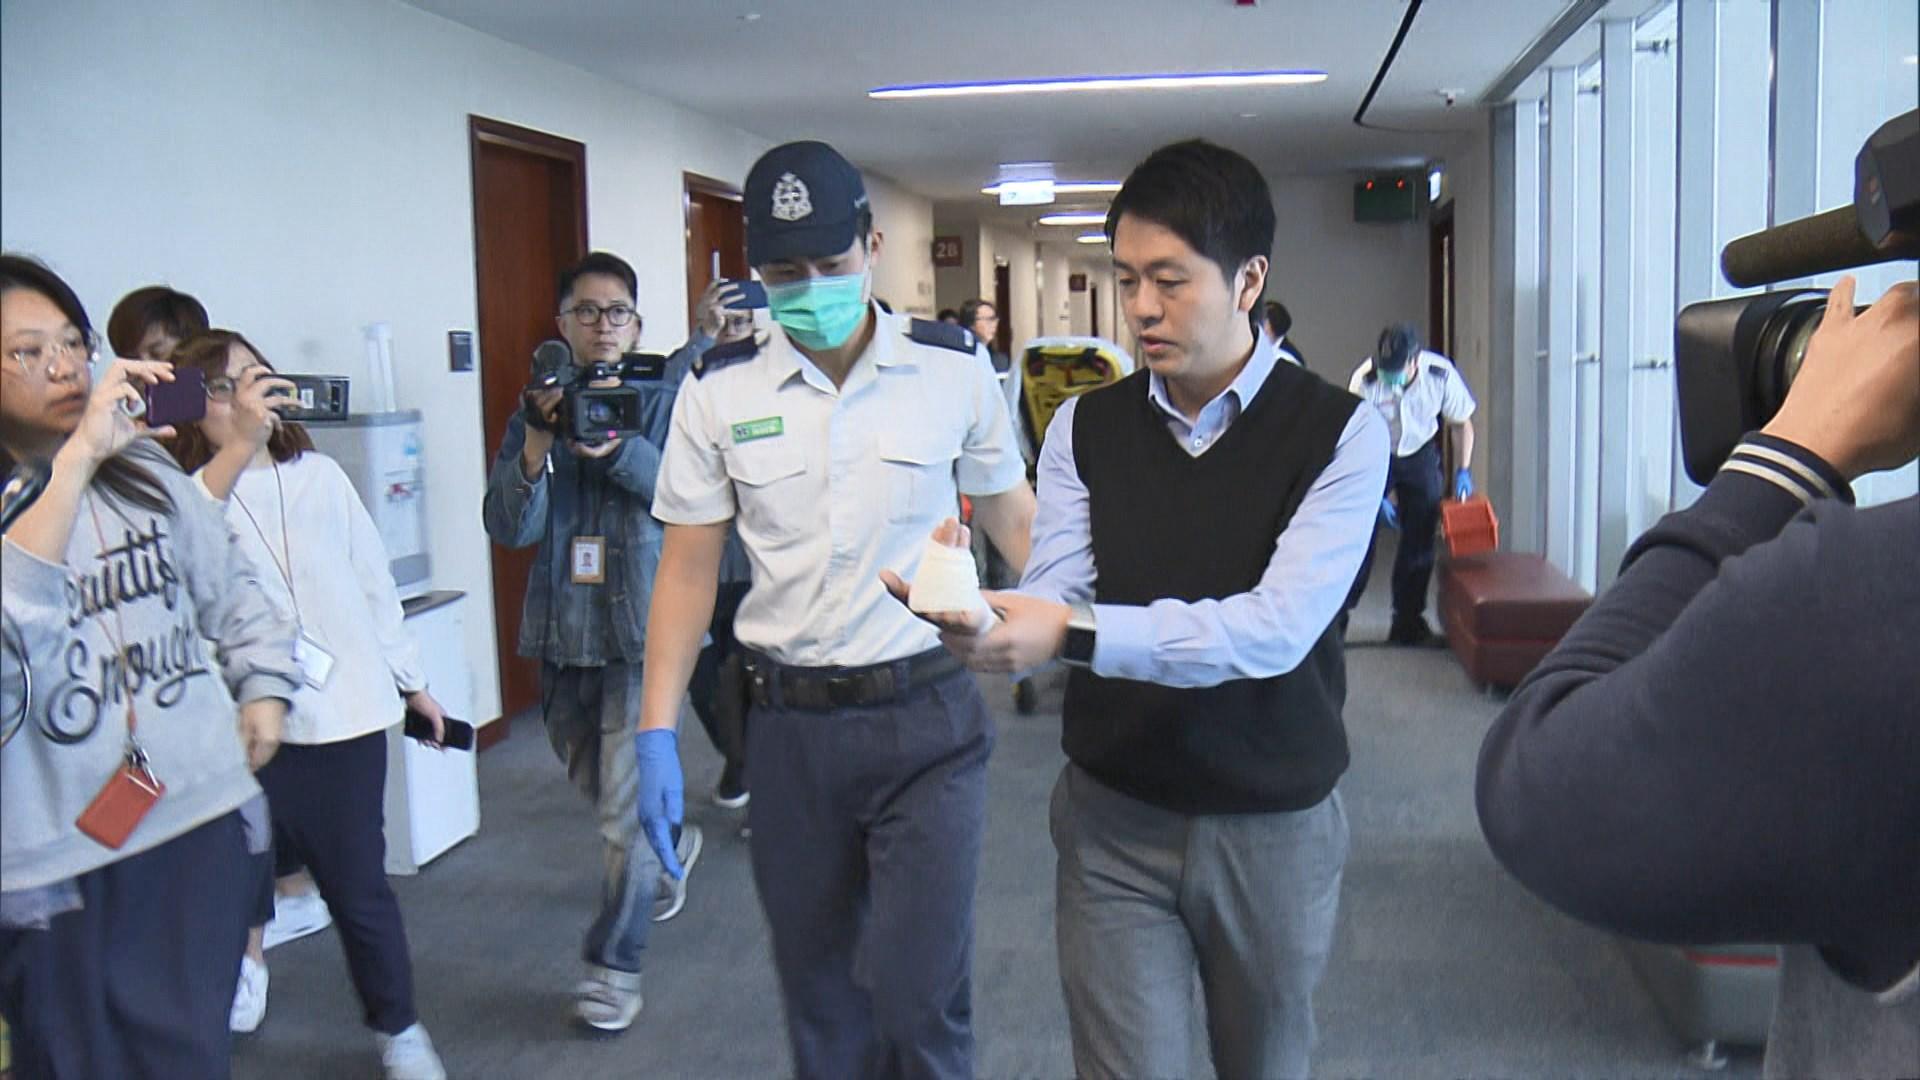 許智峯被抬離場 與保安一同送院